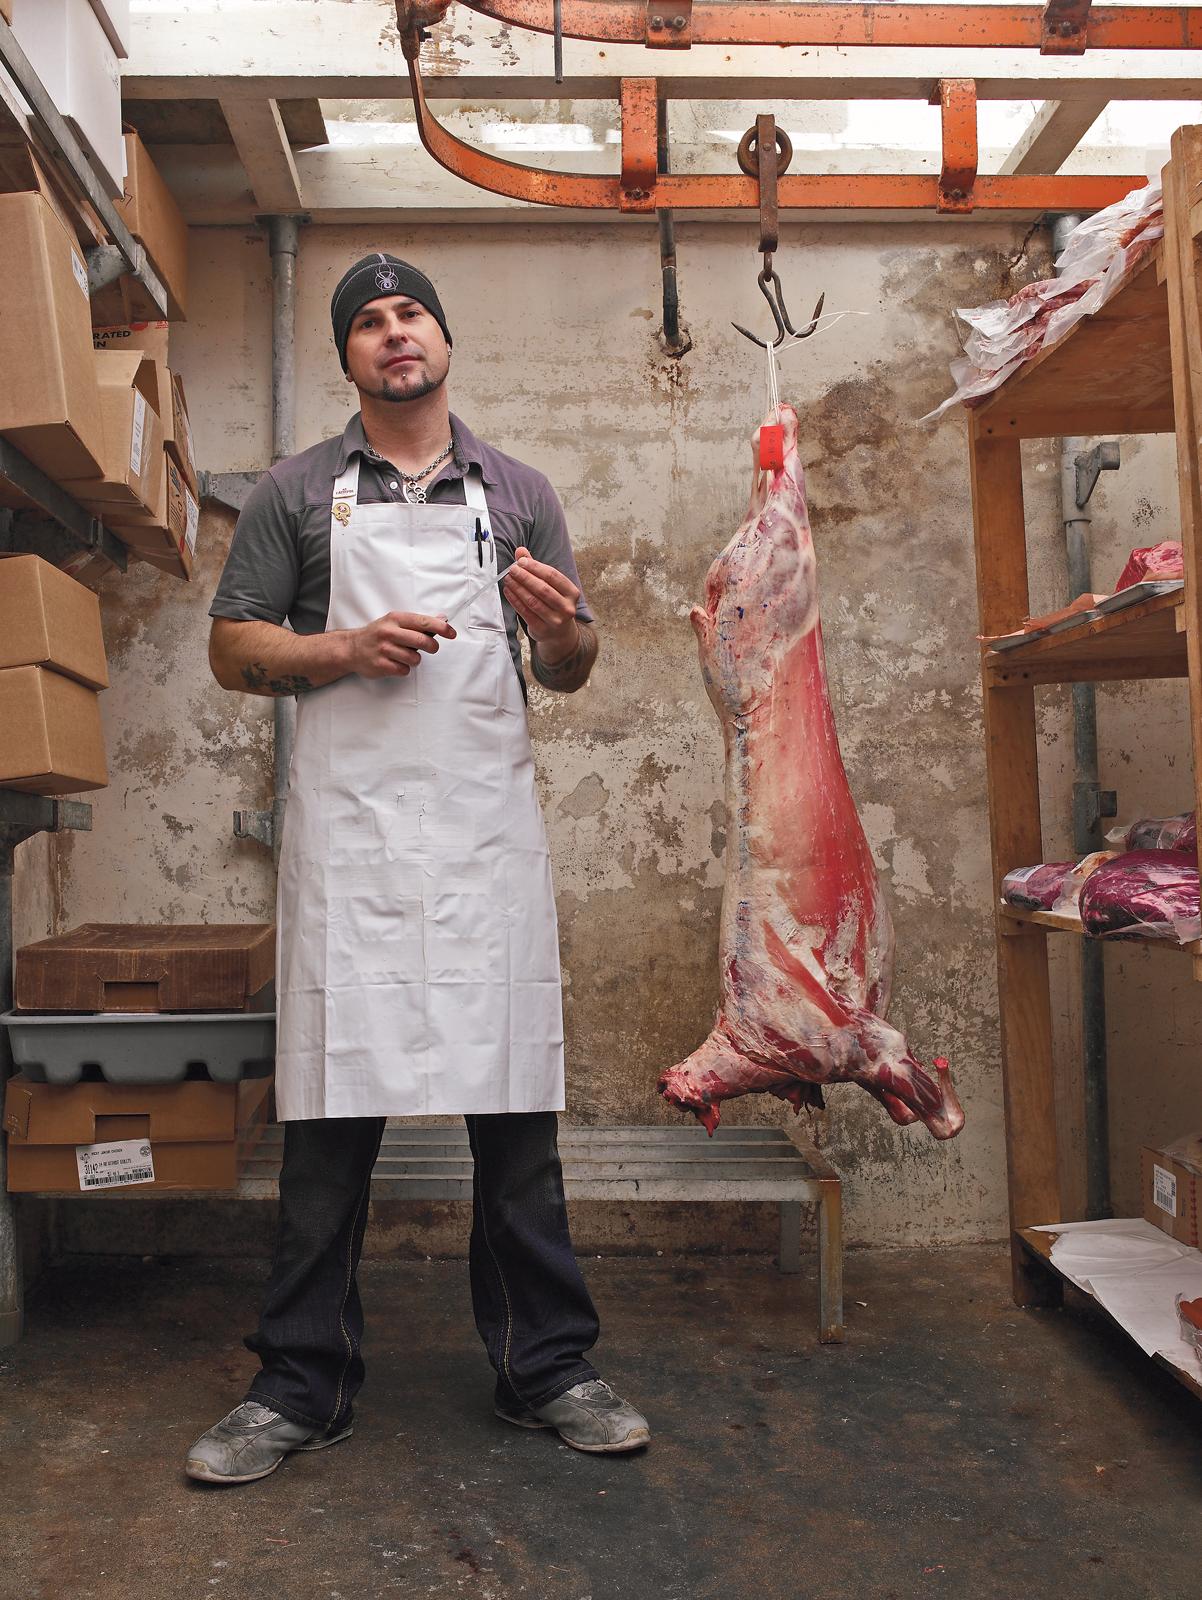 knives expert drewes meats epple josh portrait